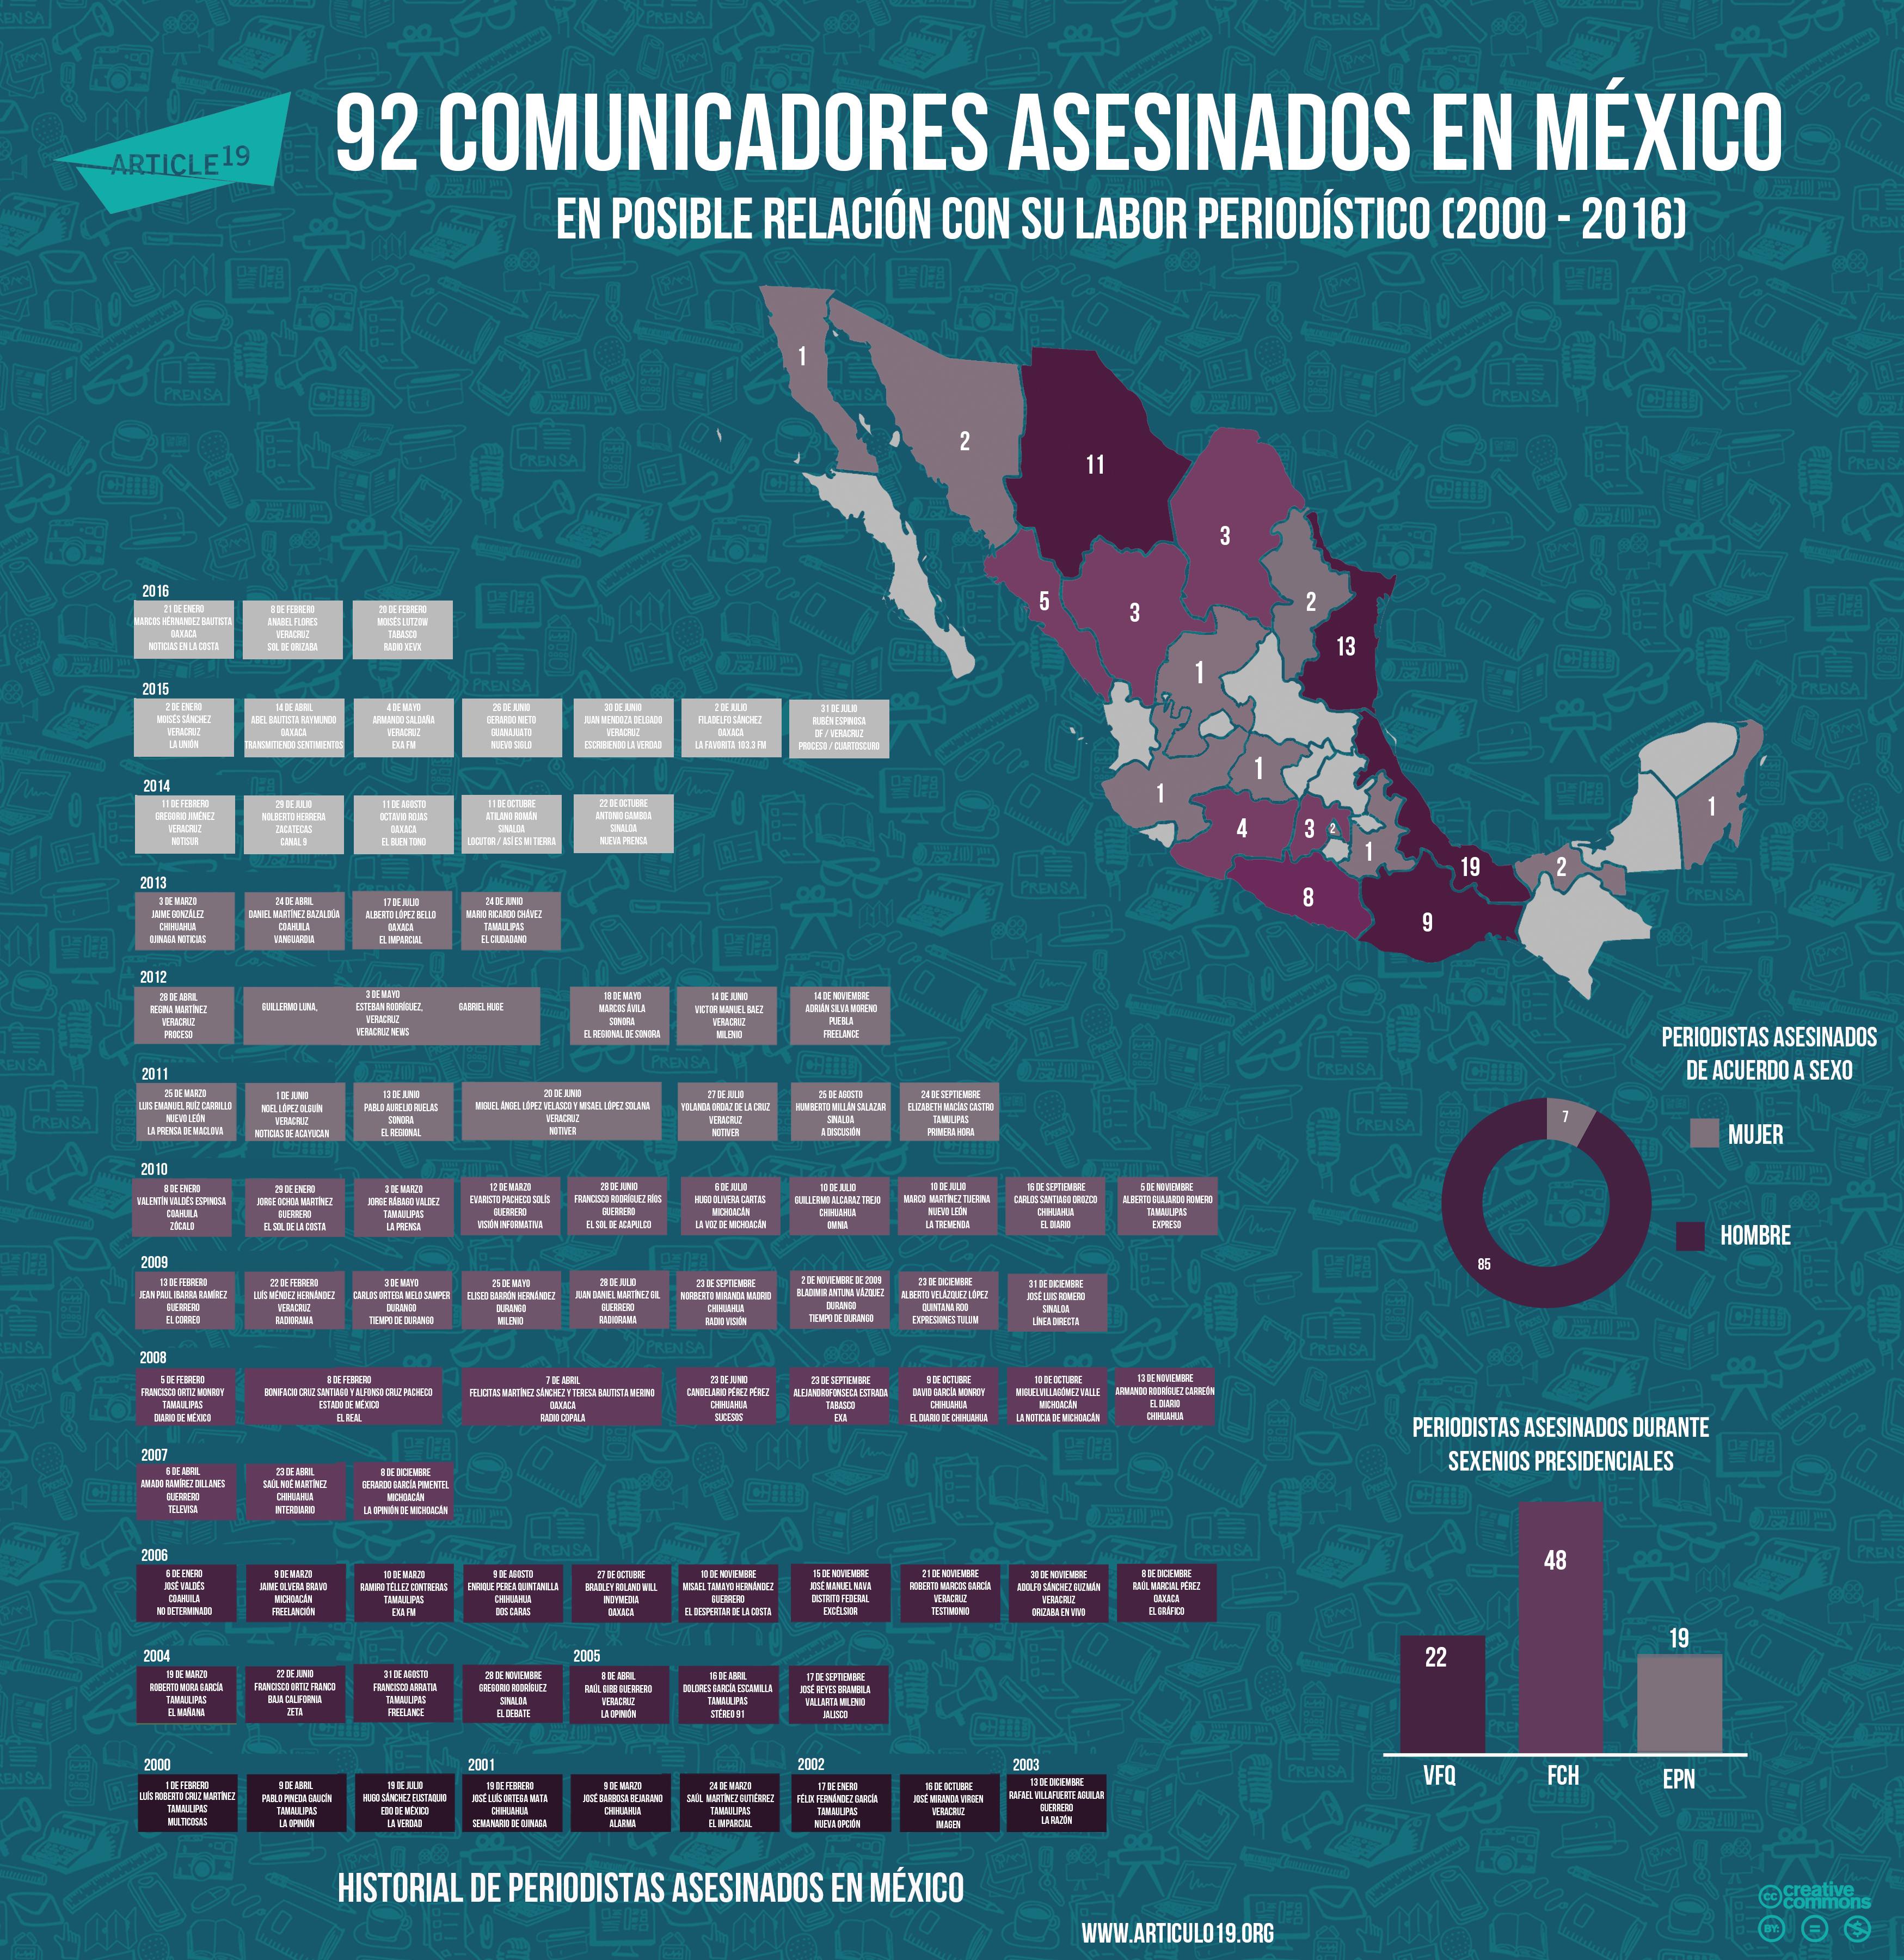 Periodistas asesinados en Mexico (febrero 2016)